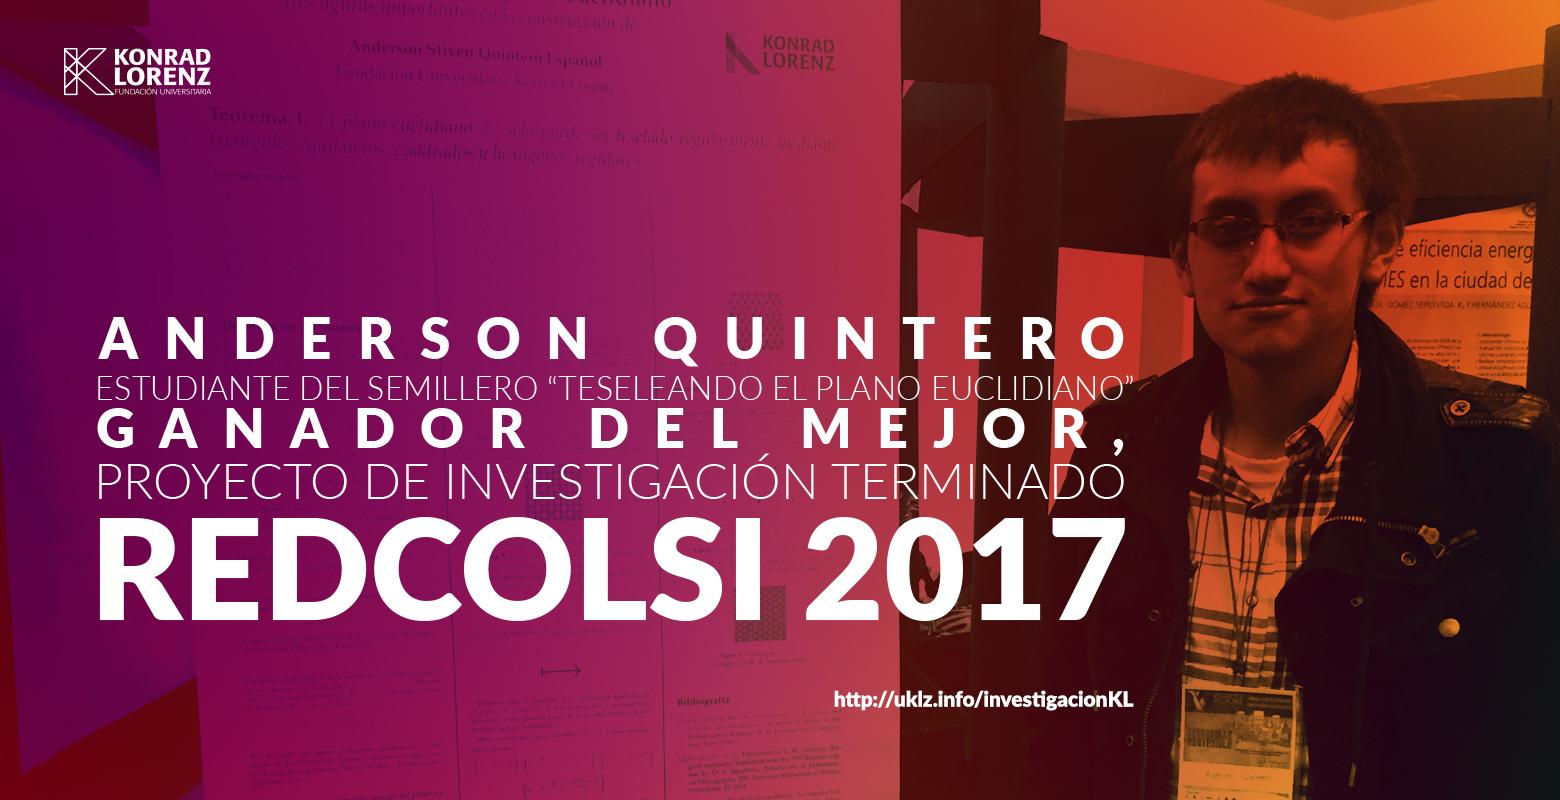 """Estudiante del semillero """"Teseleando el Plano Euclidiano"""", ganador del mejor proyecto de investigación terminado en Redcolsi-Bogotá 2017"""